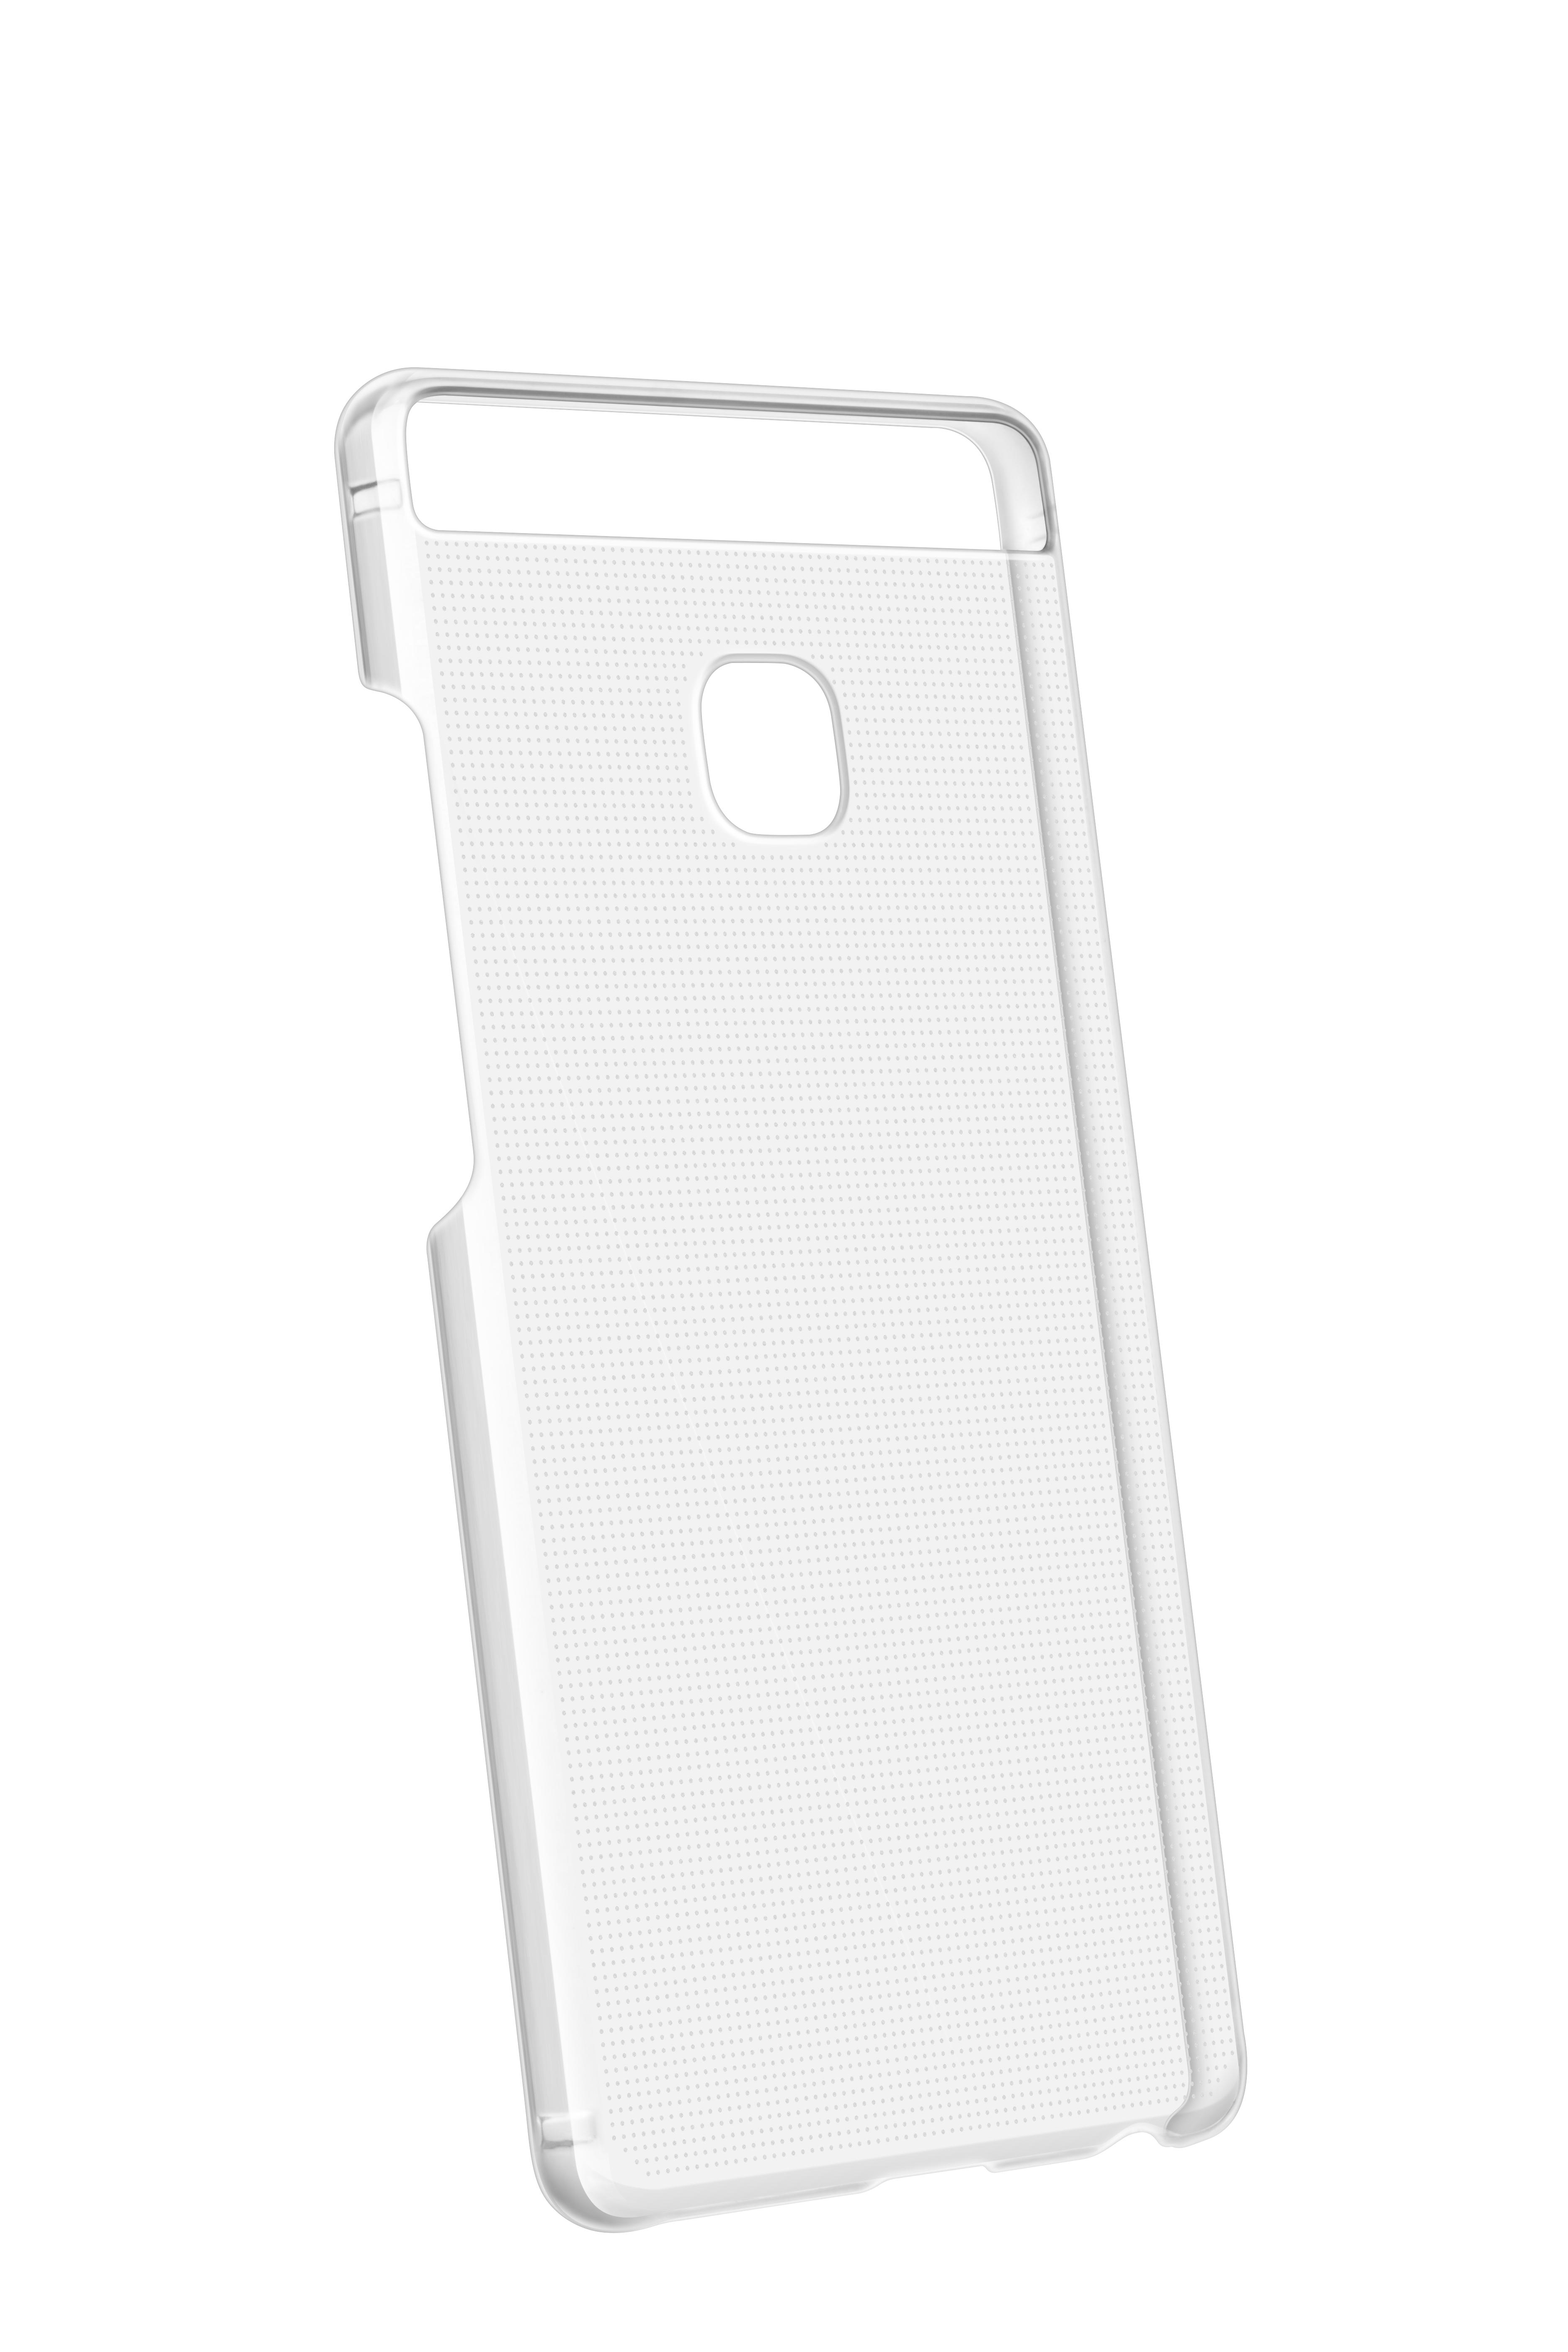 Coque transparente Huawei P9